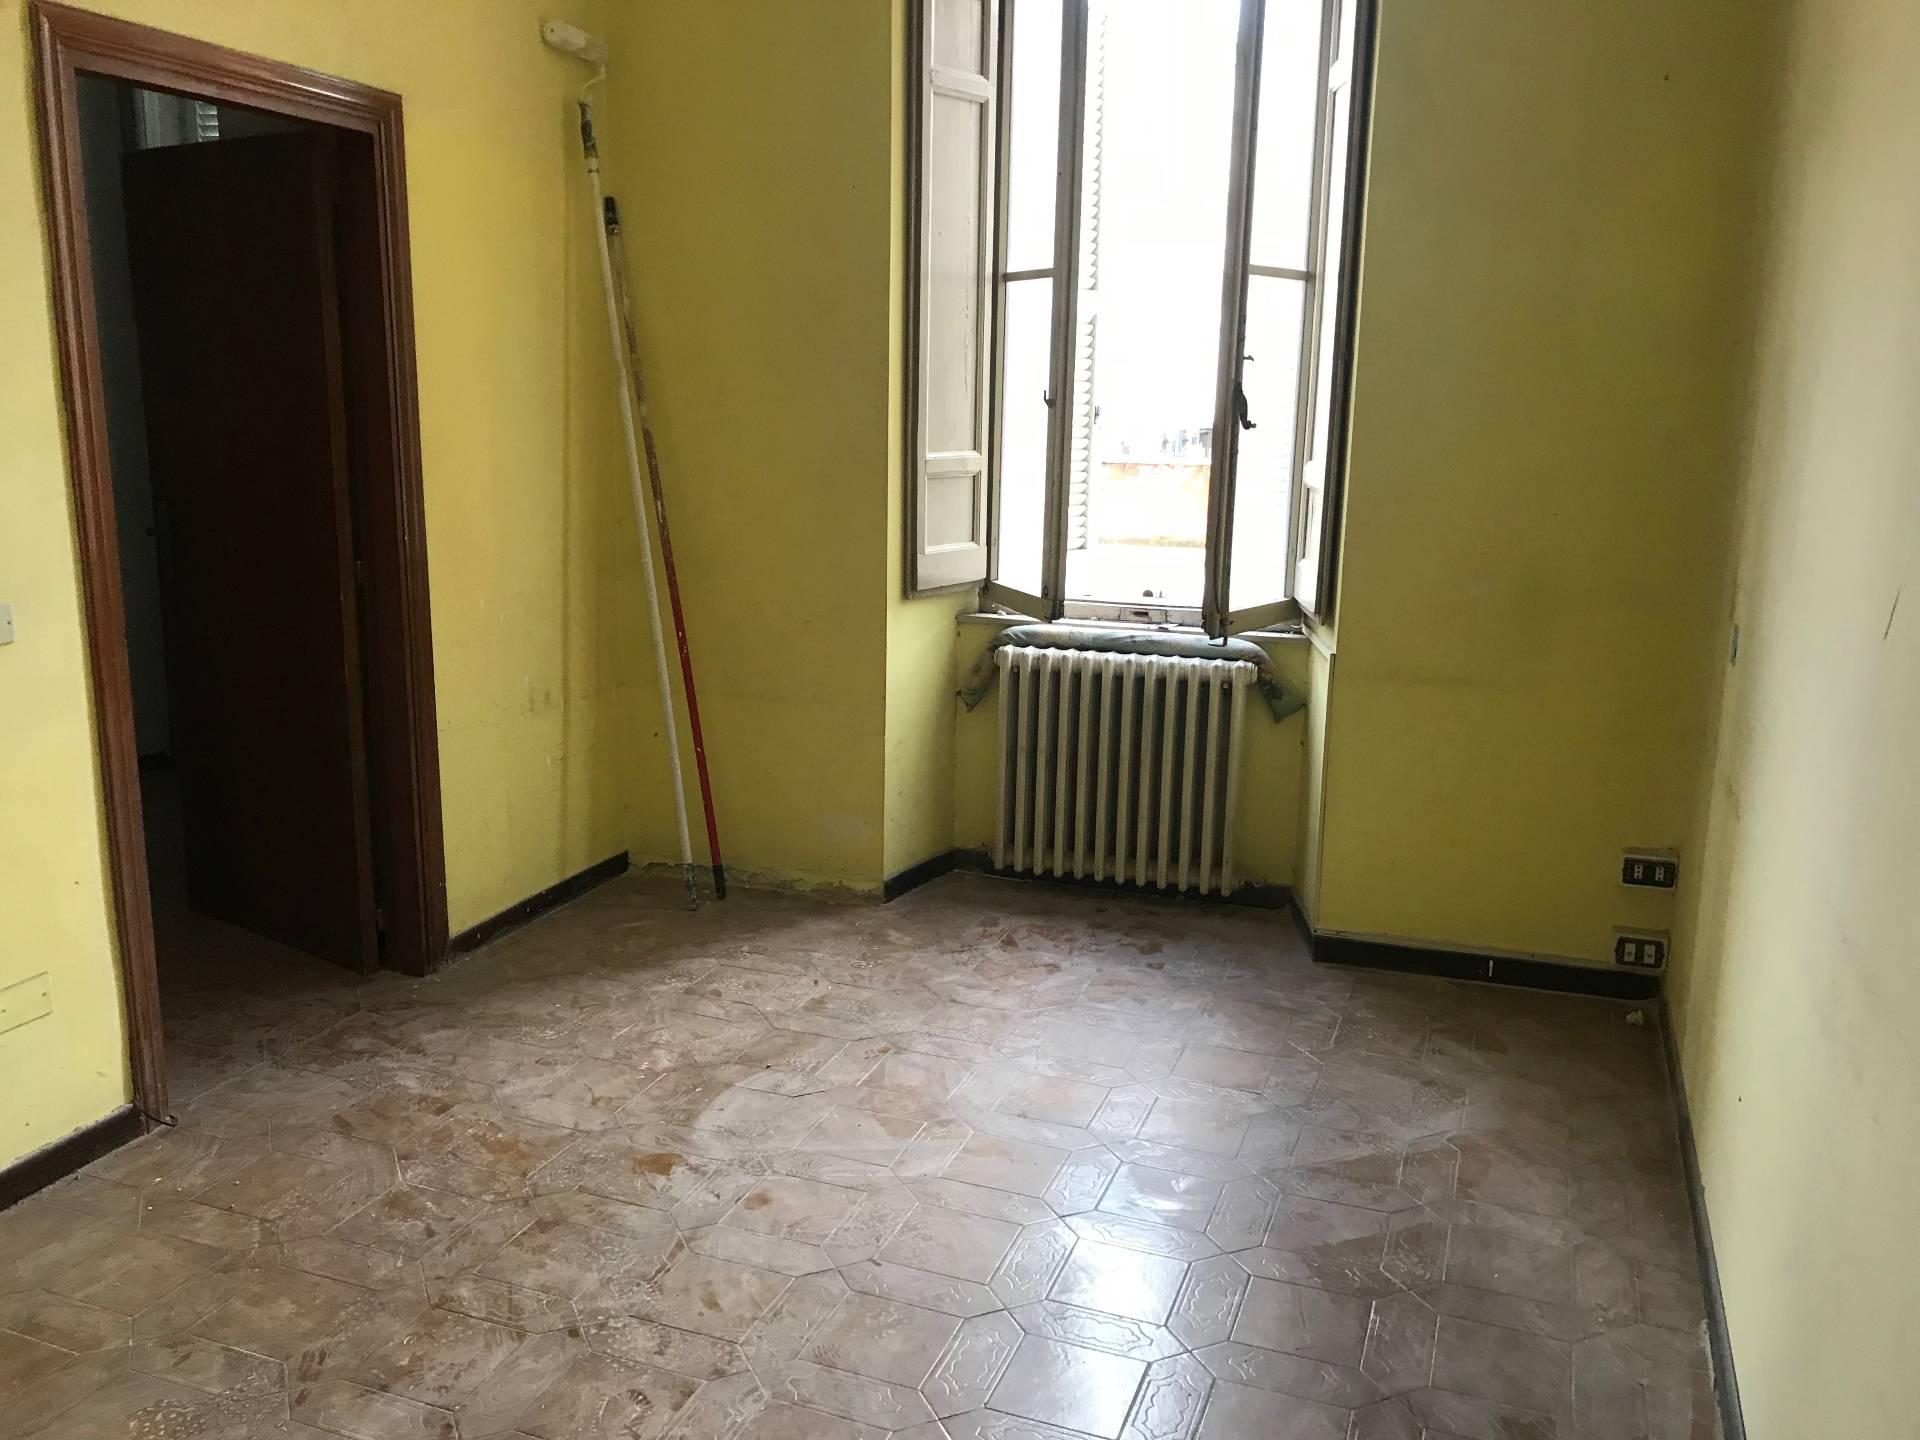 Appartamento in affitto a Ascoli Piceno, 5 locali, zona Località: CentroStorico, prezzo € 550 | CambioCasa.it